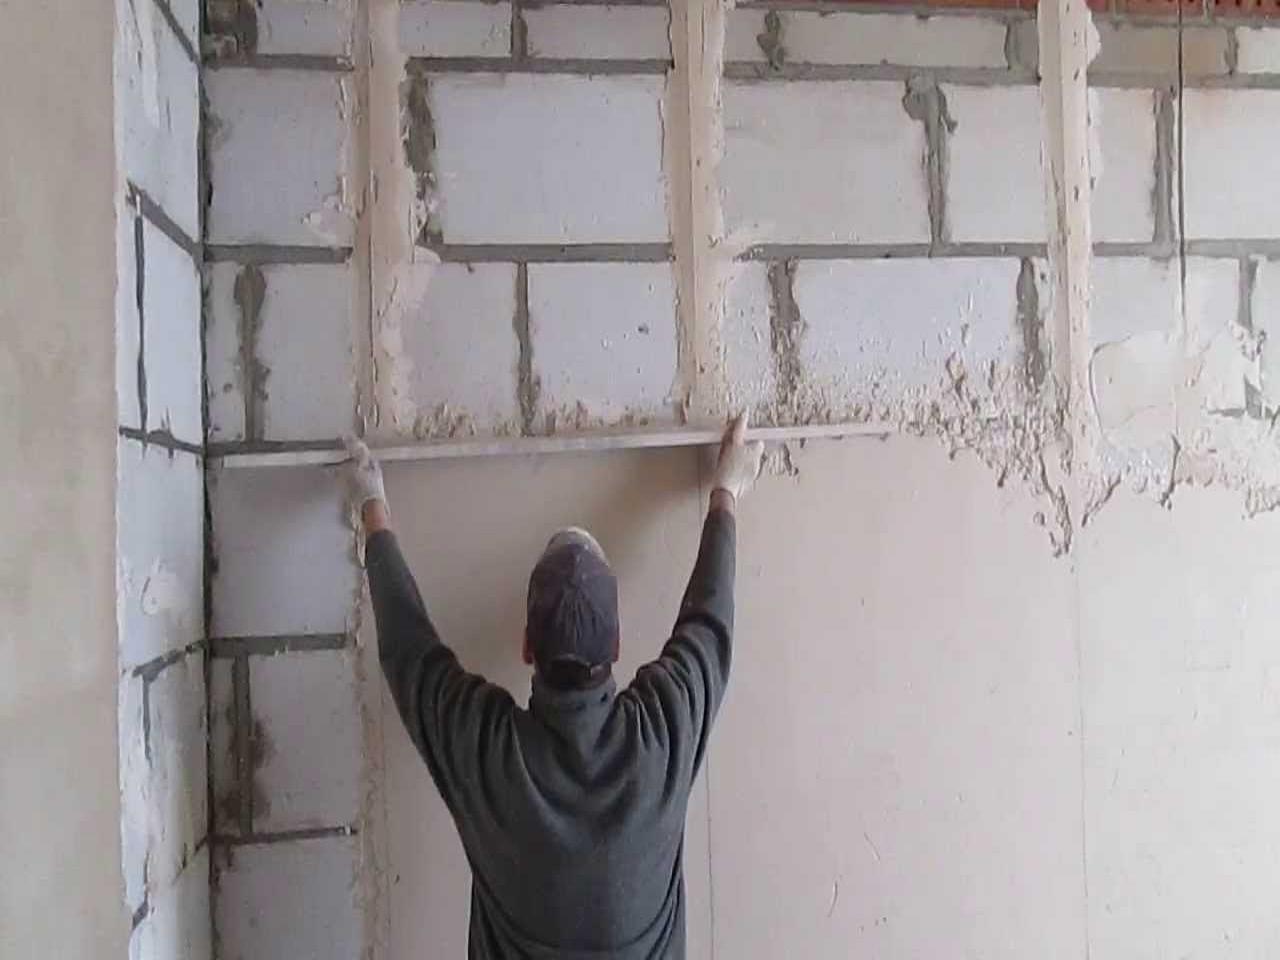 Выравнивание стен по маякам: учимся выставлять маяки под 30